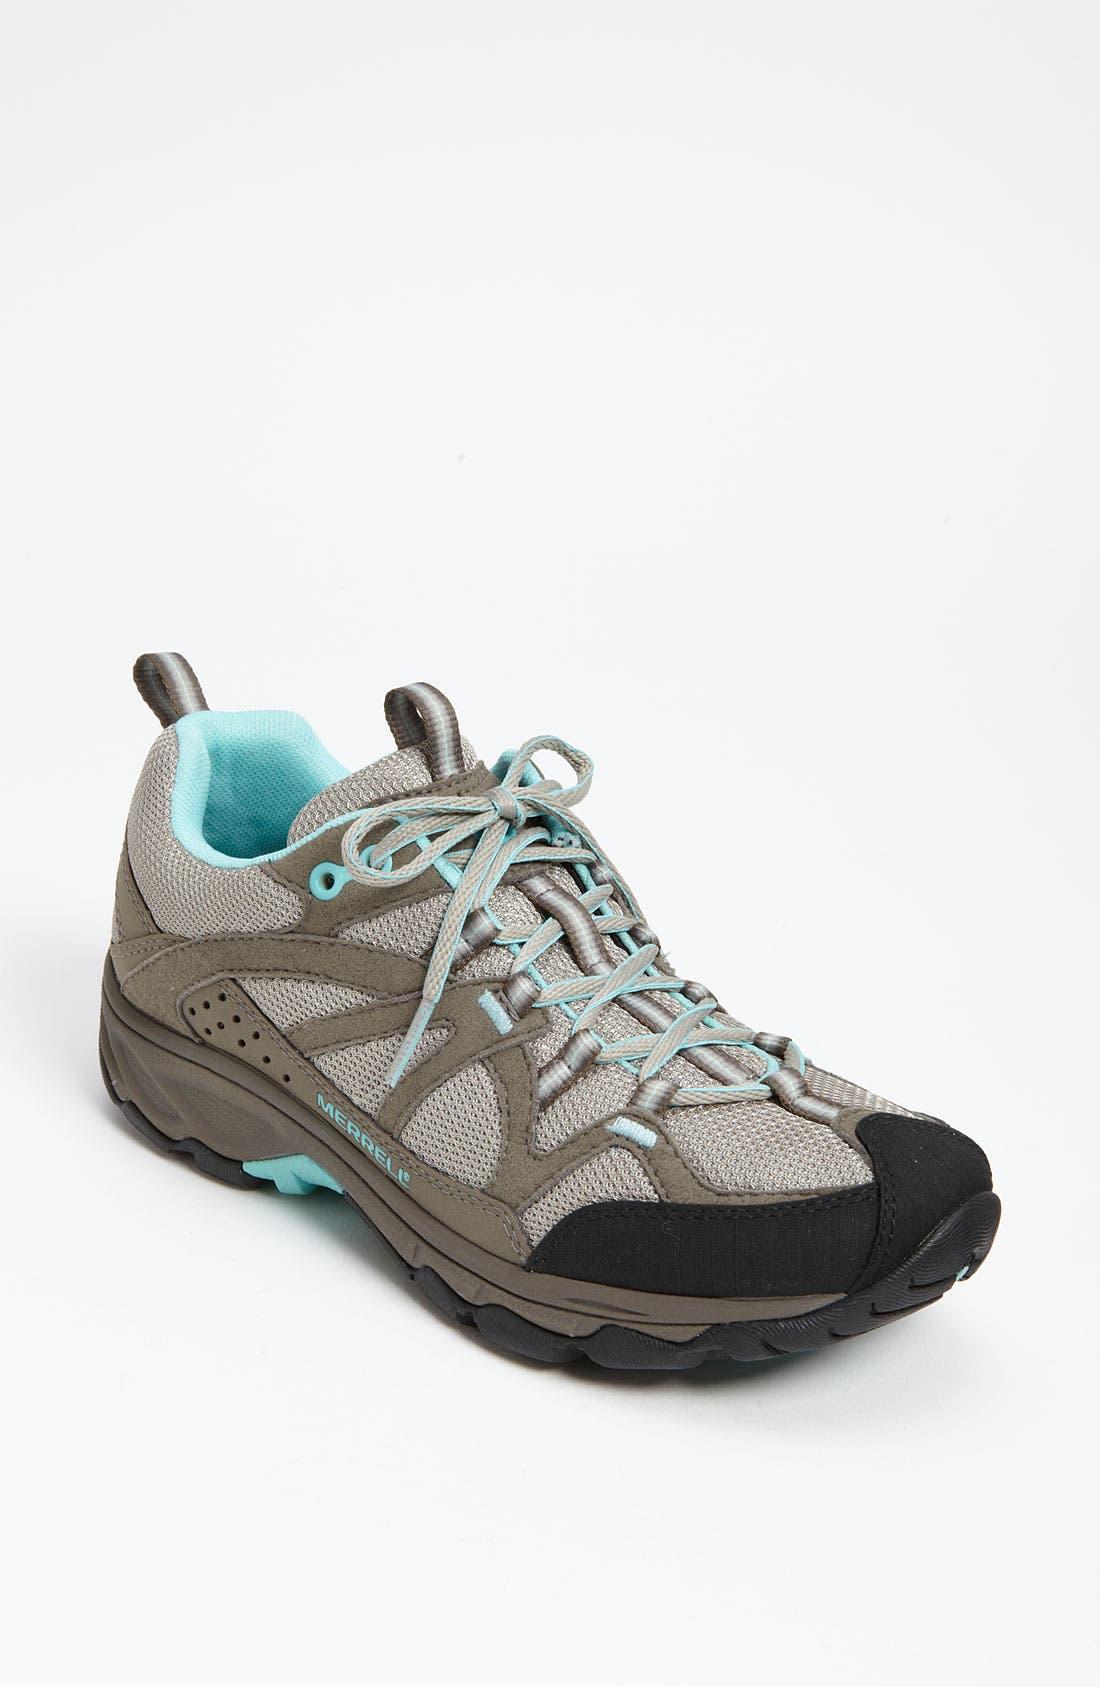 Main Image - Merrell 'Calia' Hiking Shoe